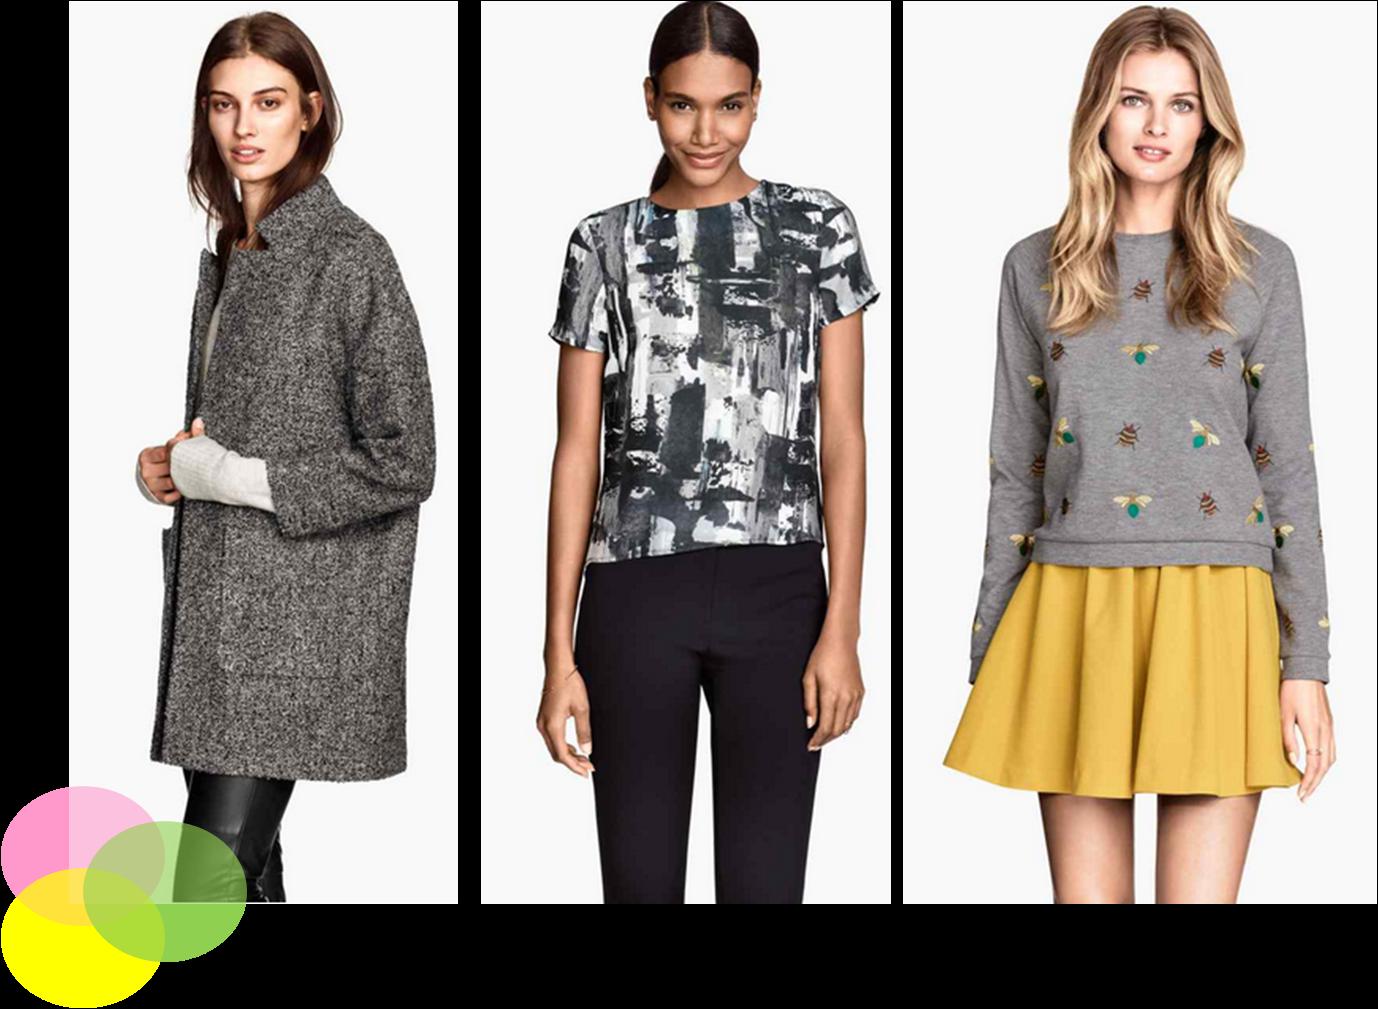 H&M lookbook 2015